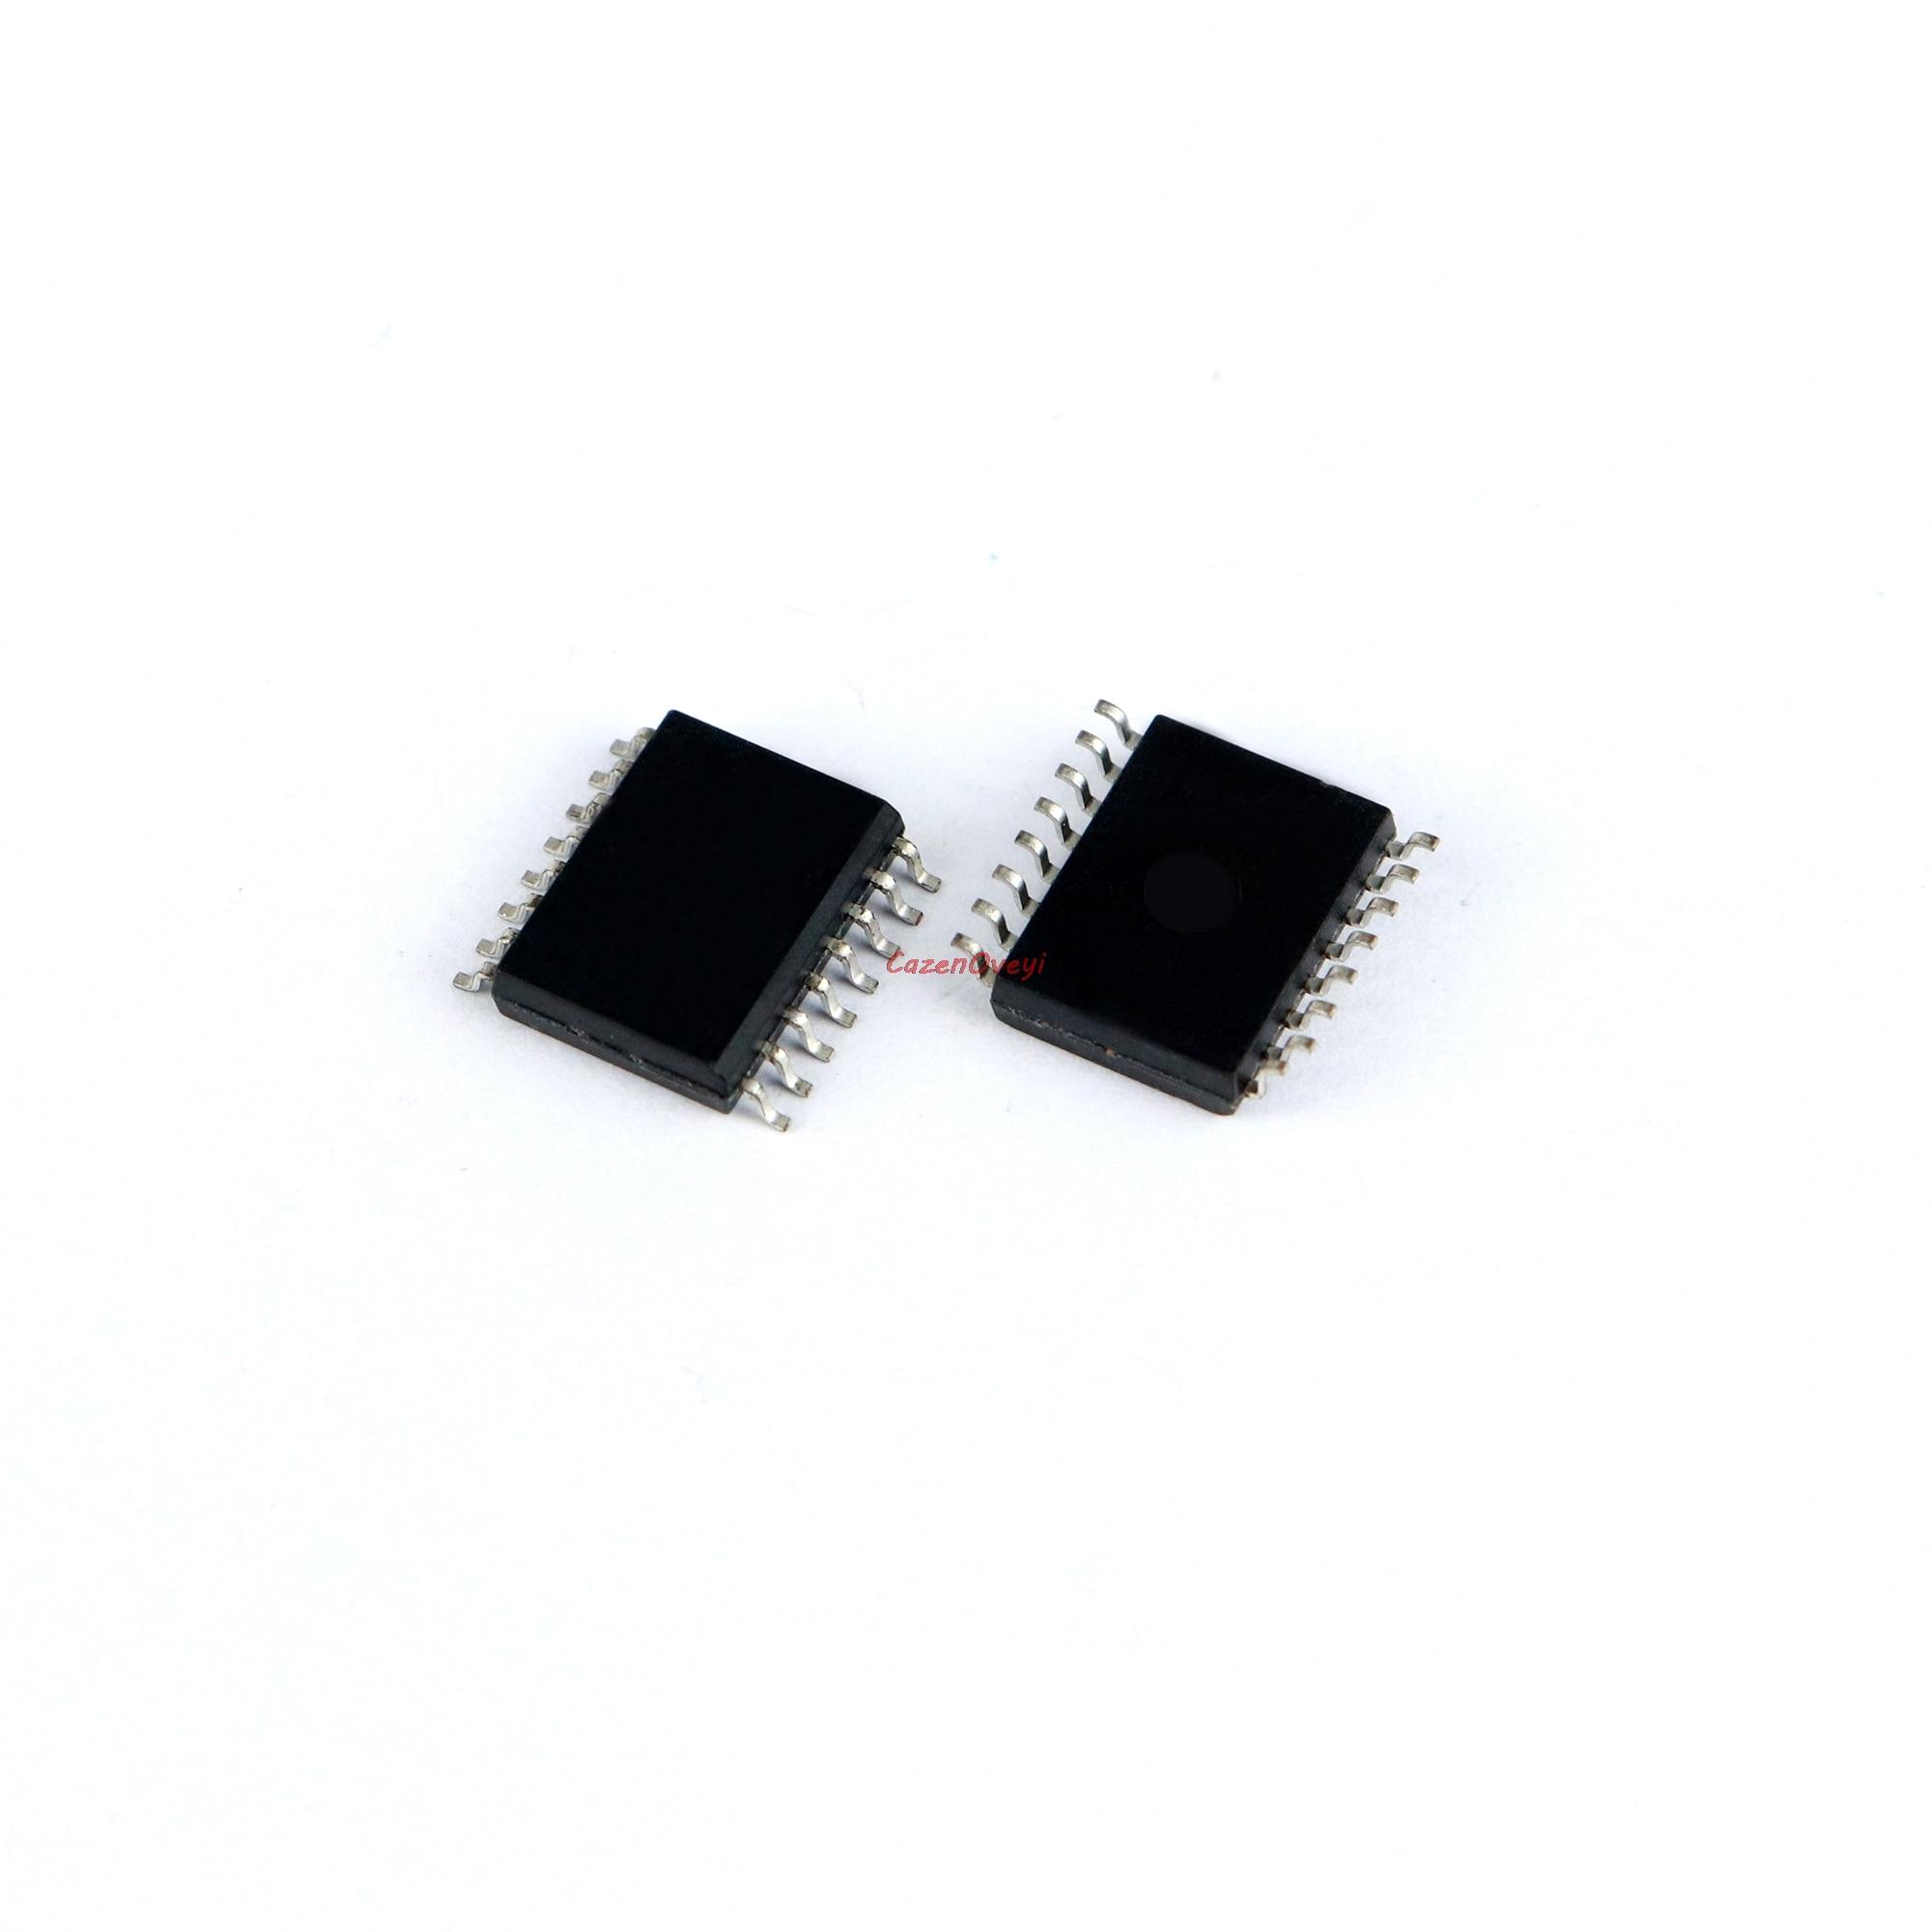 1 unids/lote MX25L6445EMI-10G MX25L6445 SOP-16